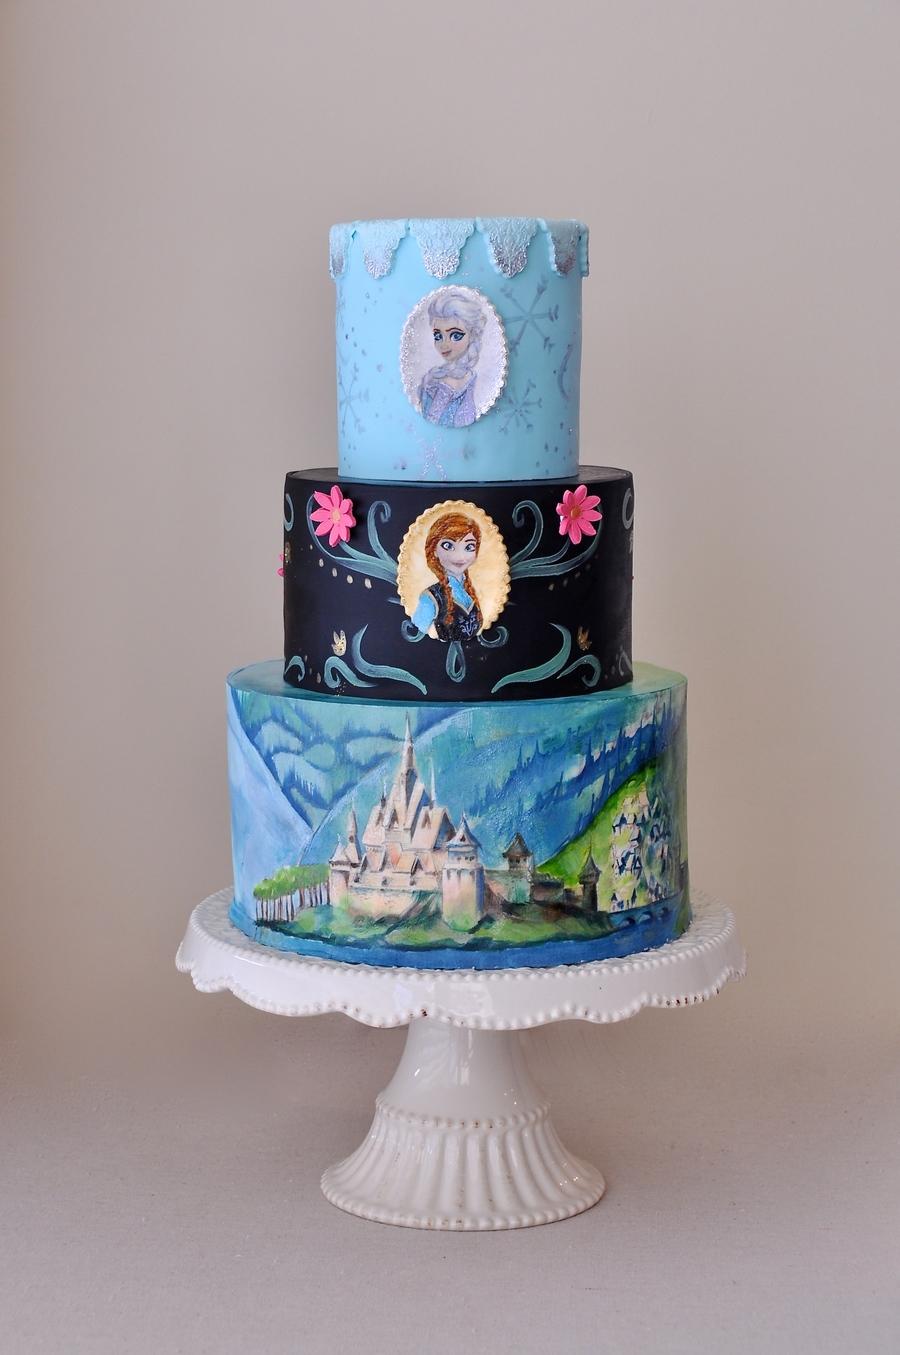 Frozen Themed Cake Designed By Ashley Steinhauer Blush